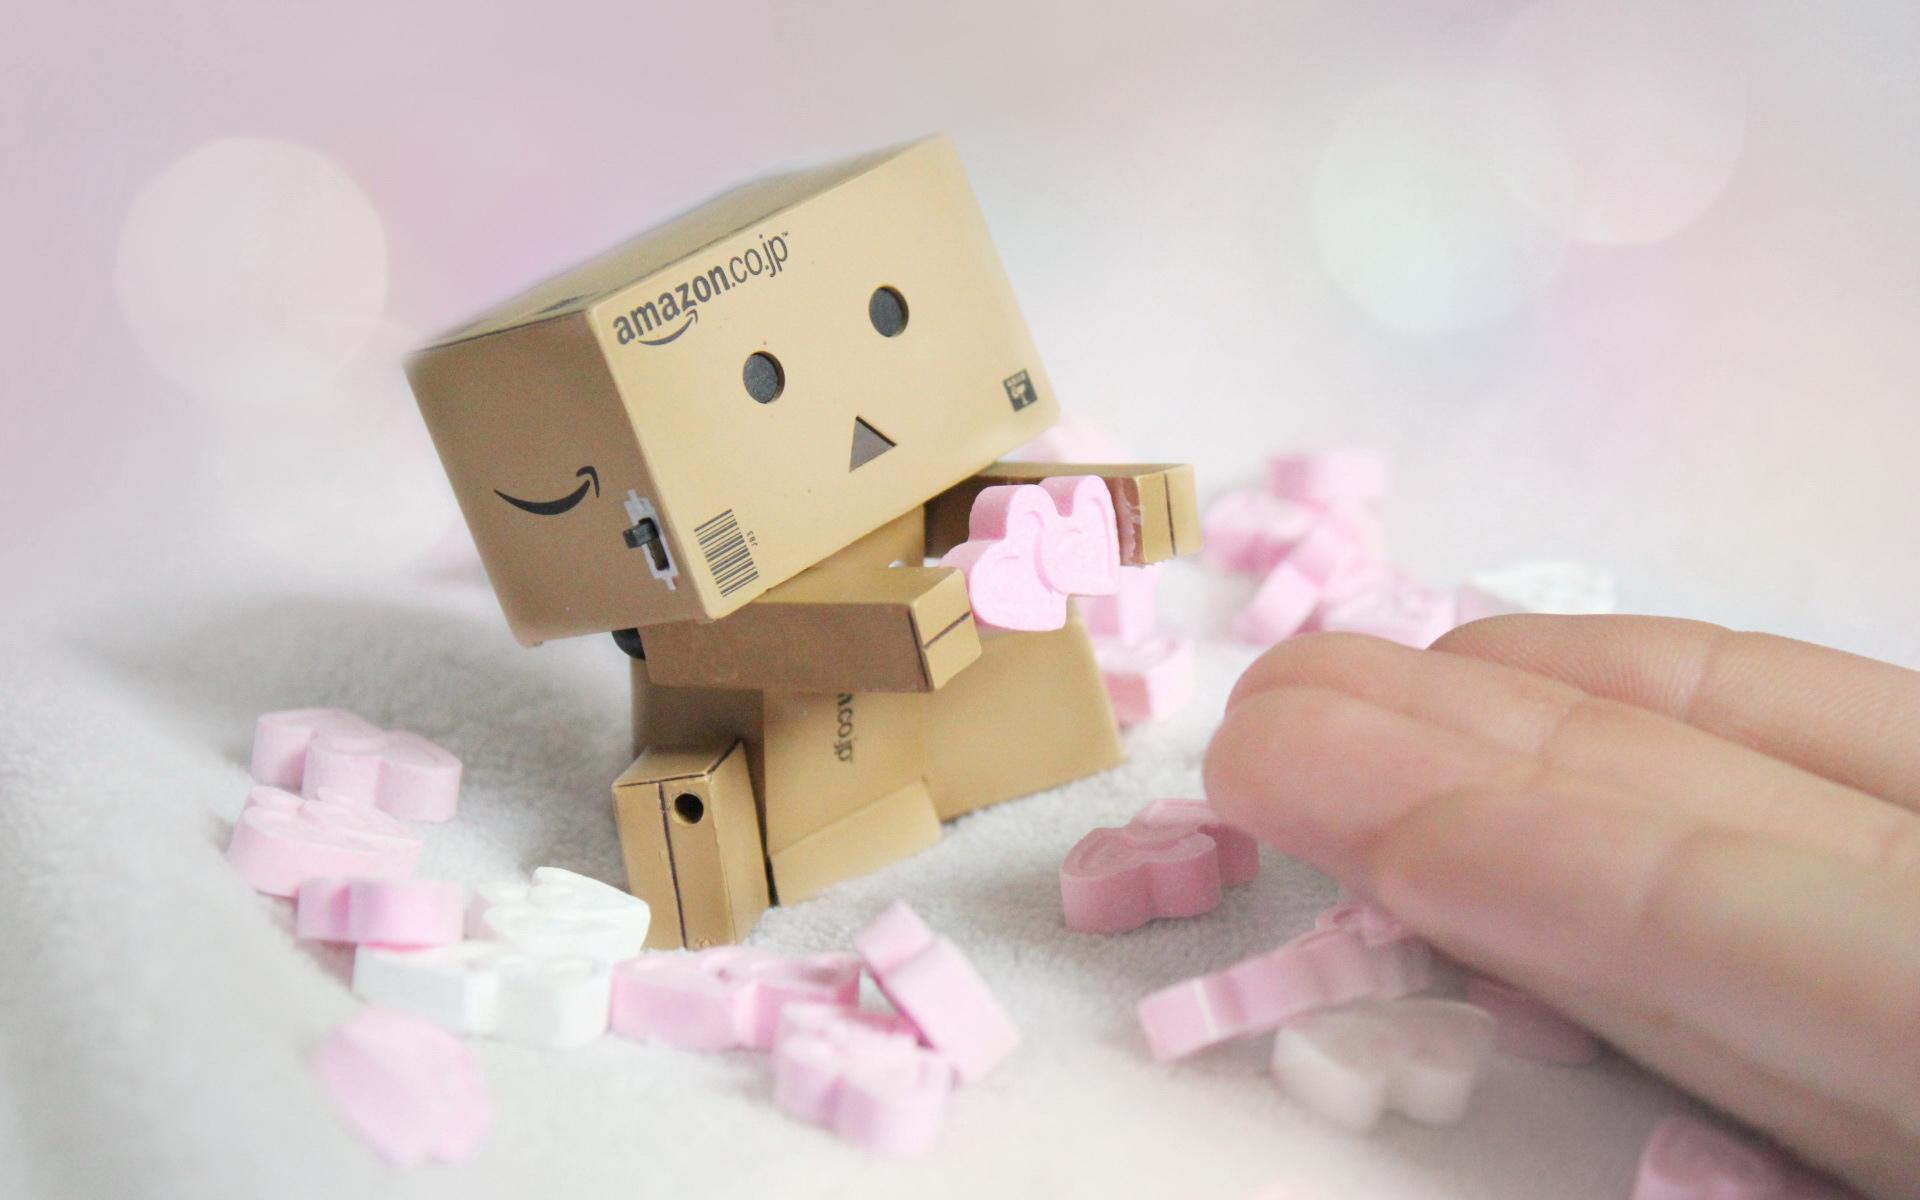 ‖ 分享 ‖ 纸盒人danbo的大图桌面图片